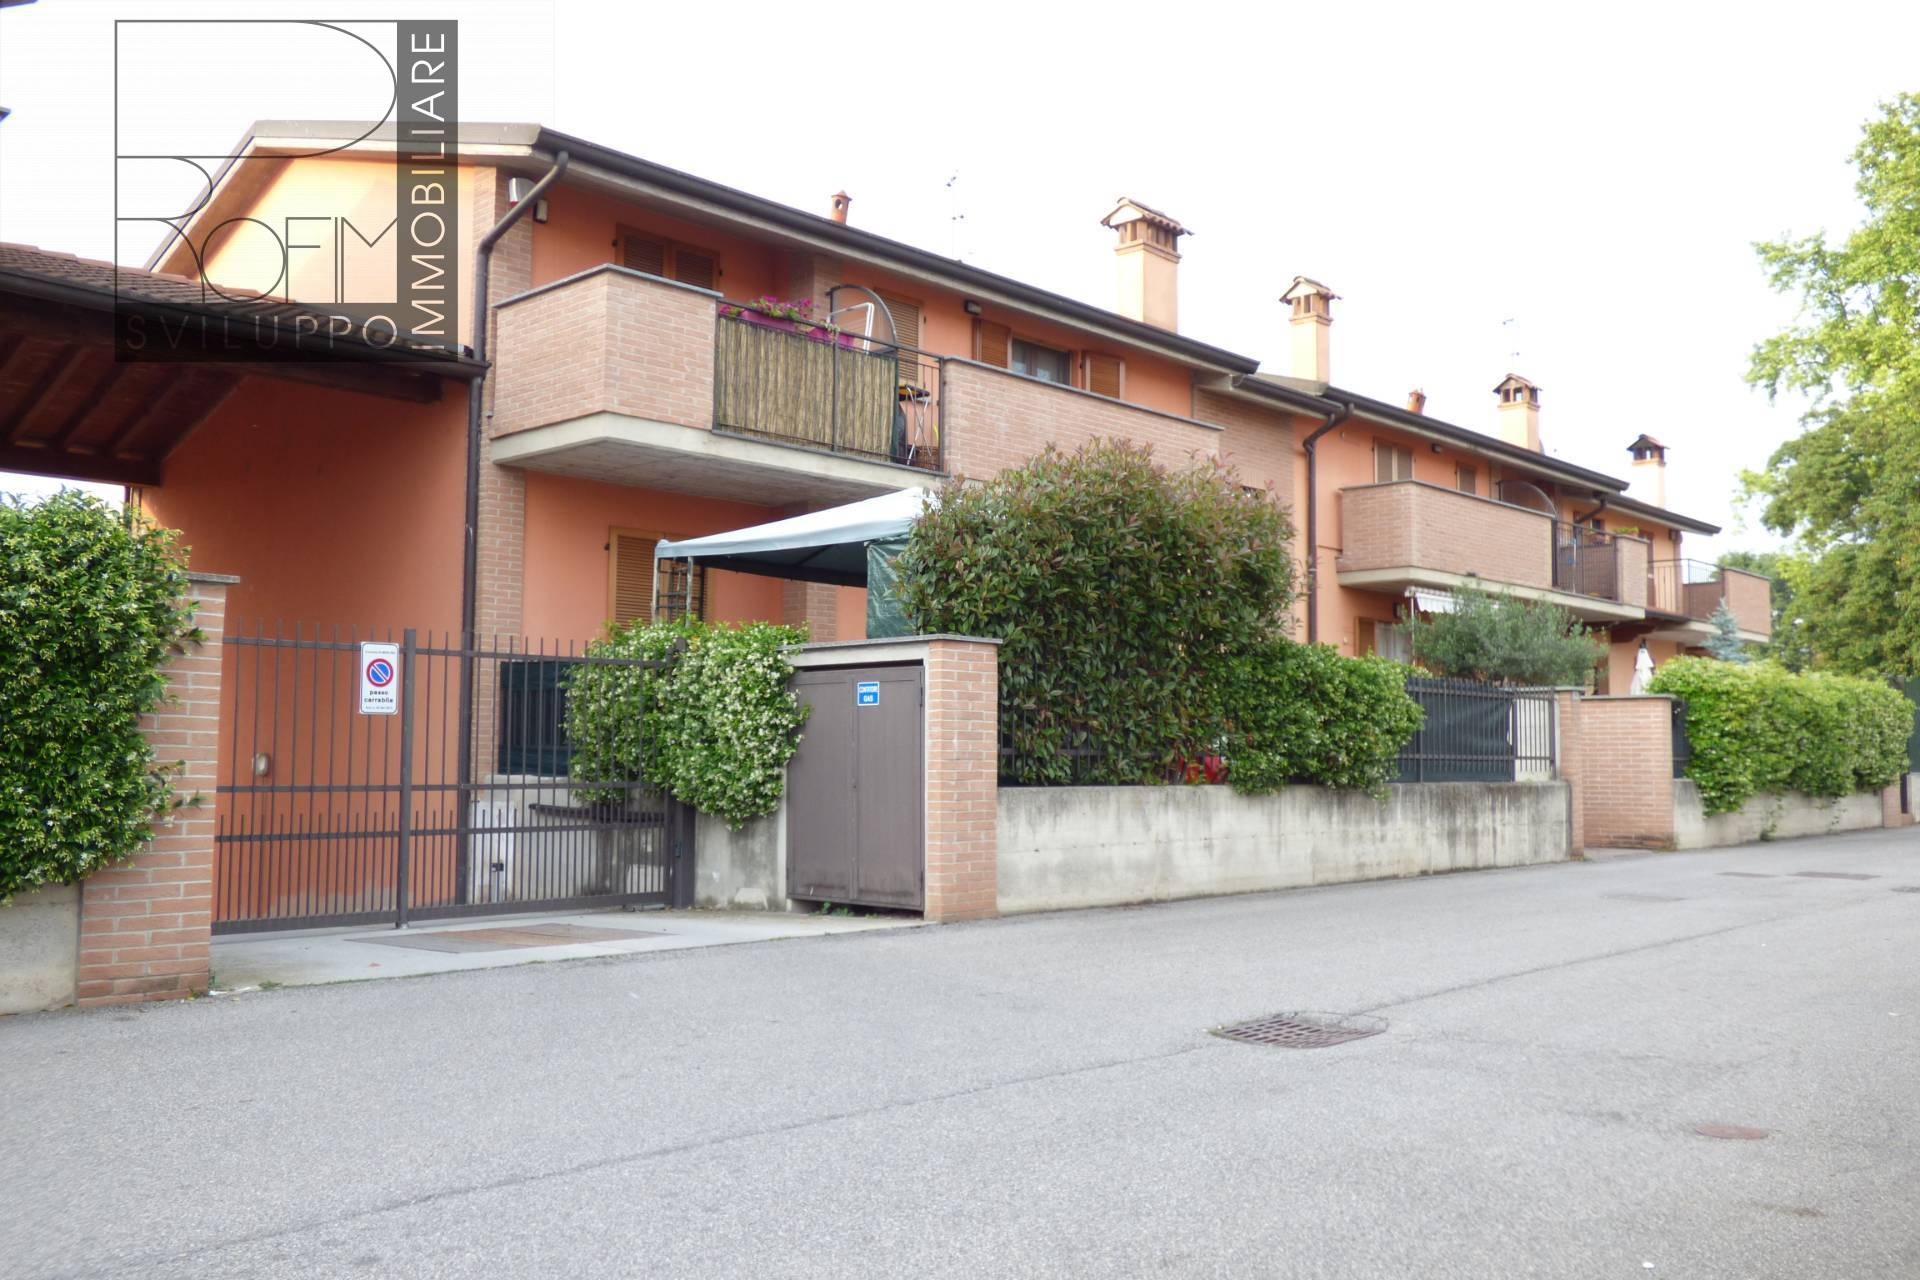 Appartamento in vendita a Merlino, 2 locali, prezzo € 78.000 | CambioCasa.it